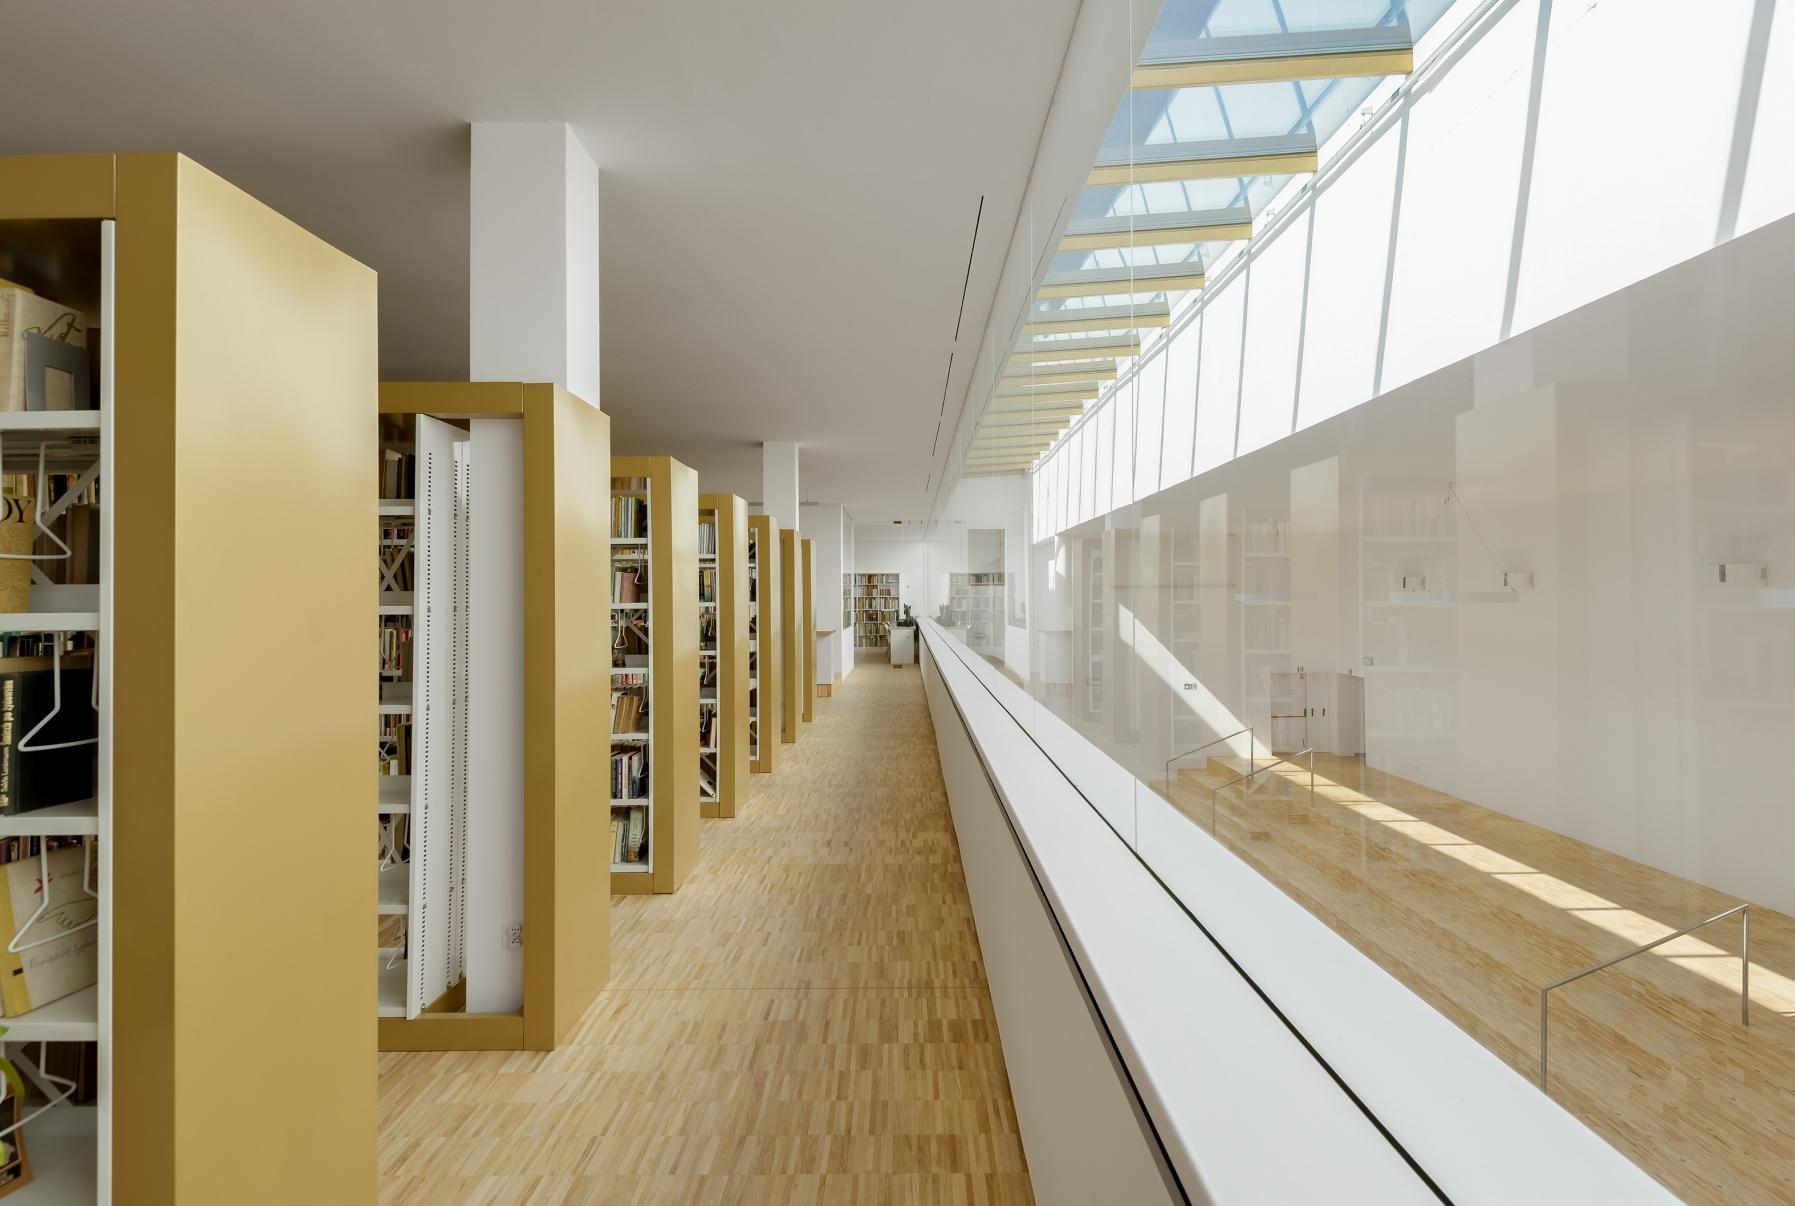 Biblioteka w Głuchołazach